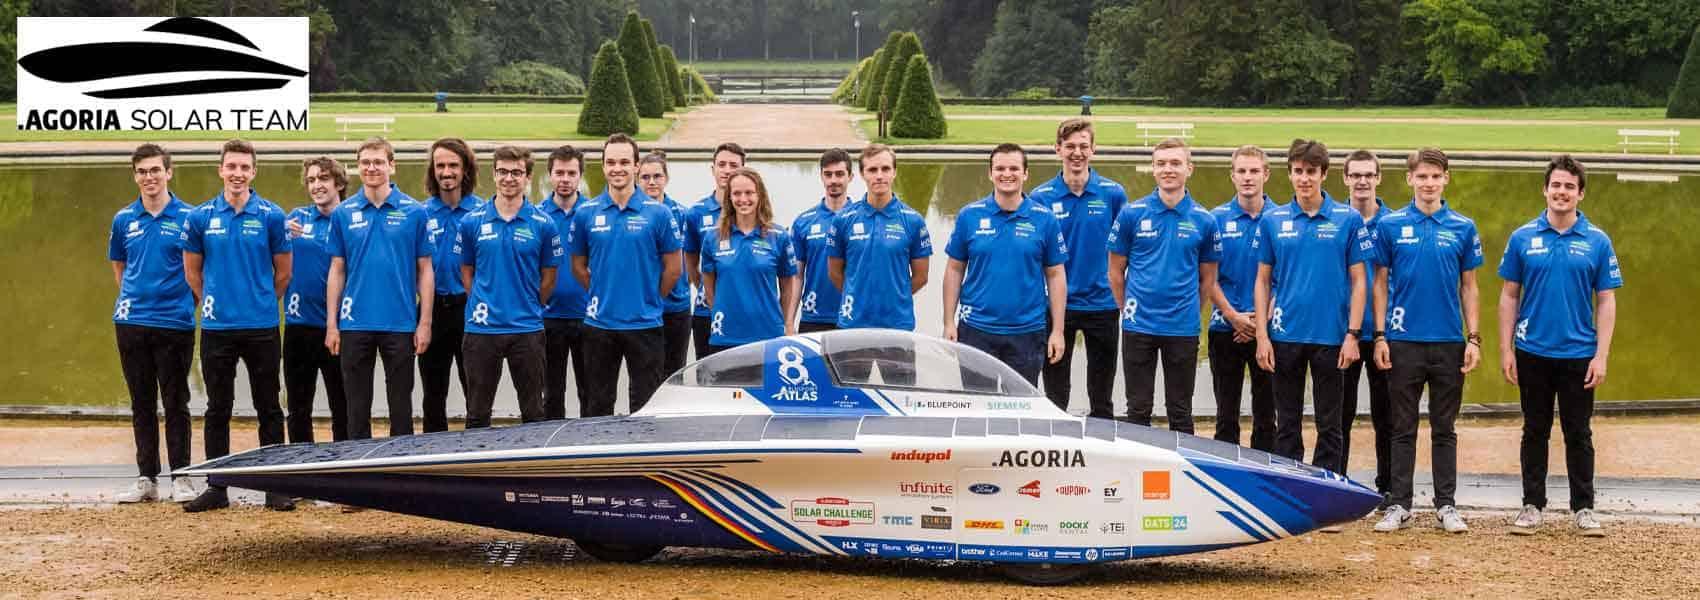 Agoria-Solar-Team-Blog-Banner